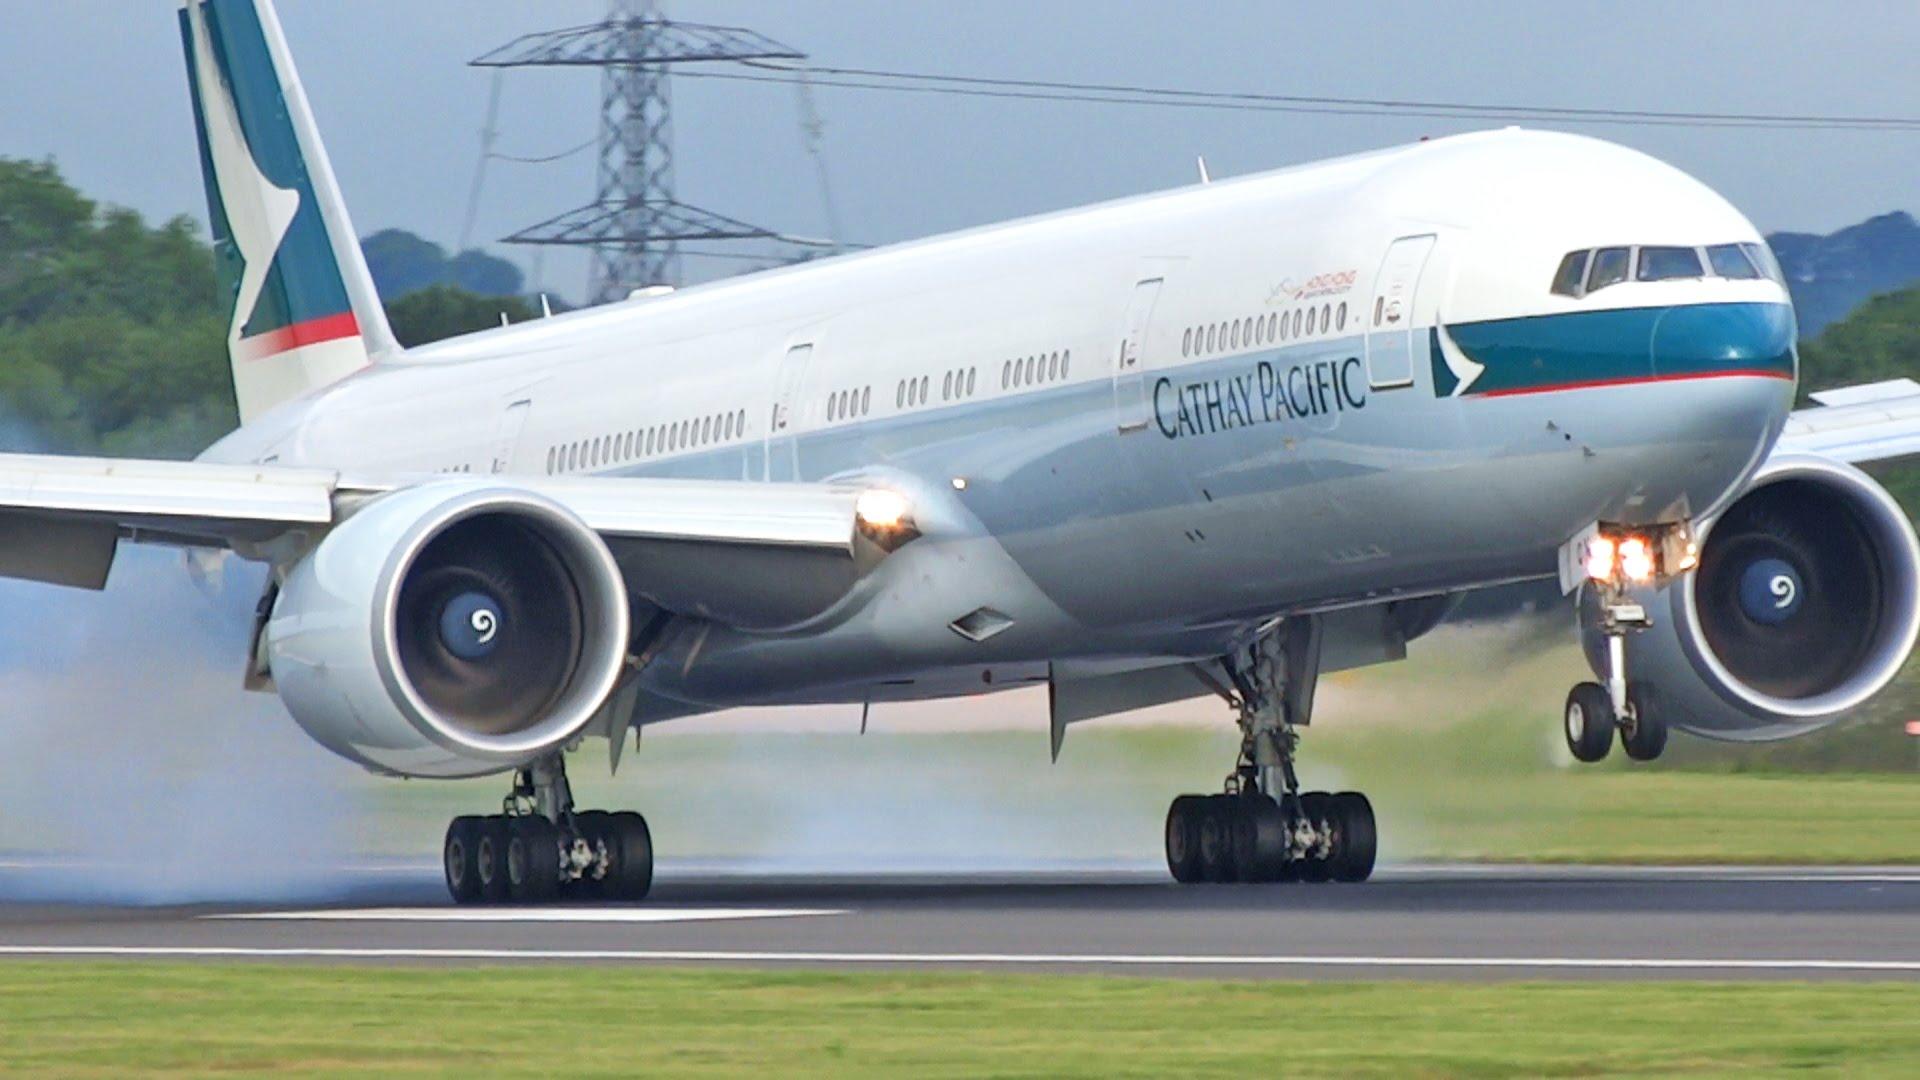 Chuyển hàng quốc tế chuyên tuyến Đà Nẵng đi Ấn Độ bằng đường hàng không